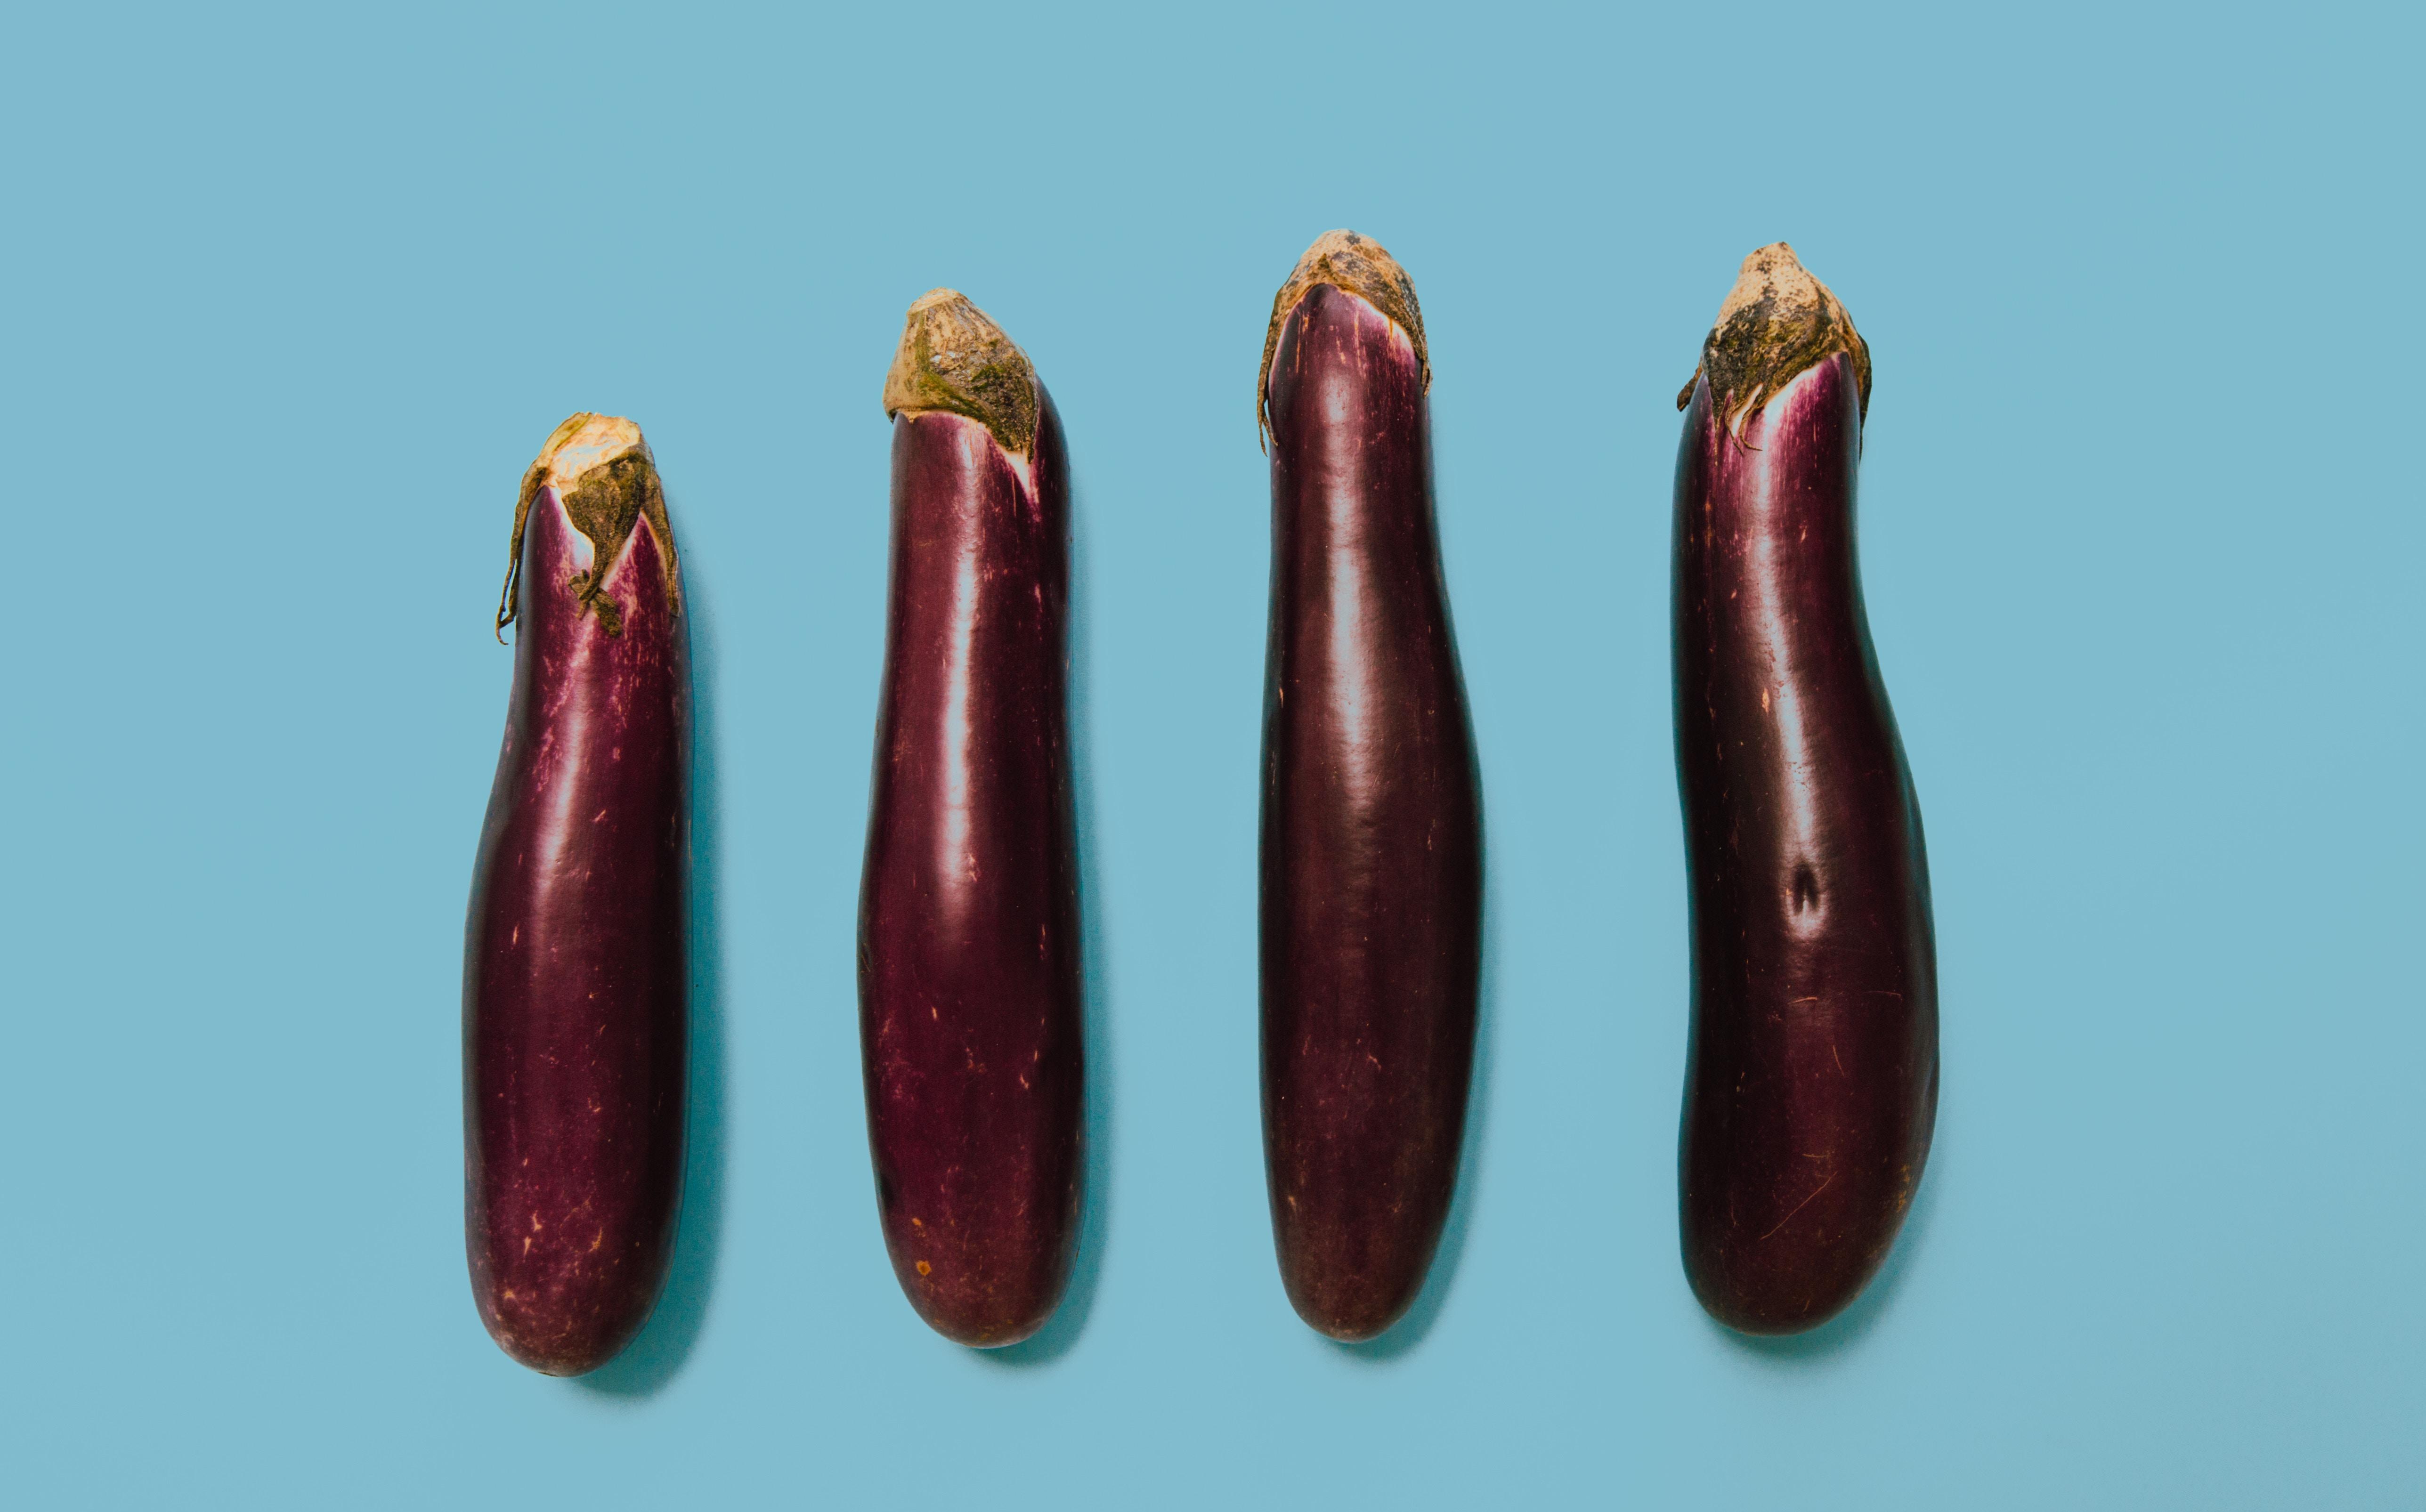 cum să faci o erecție rapidă